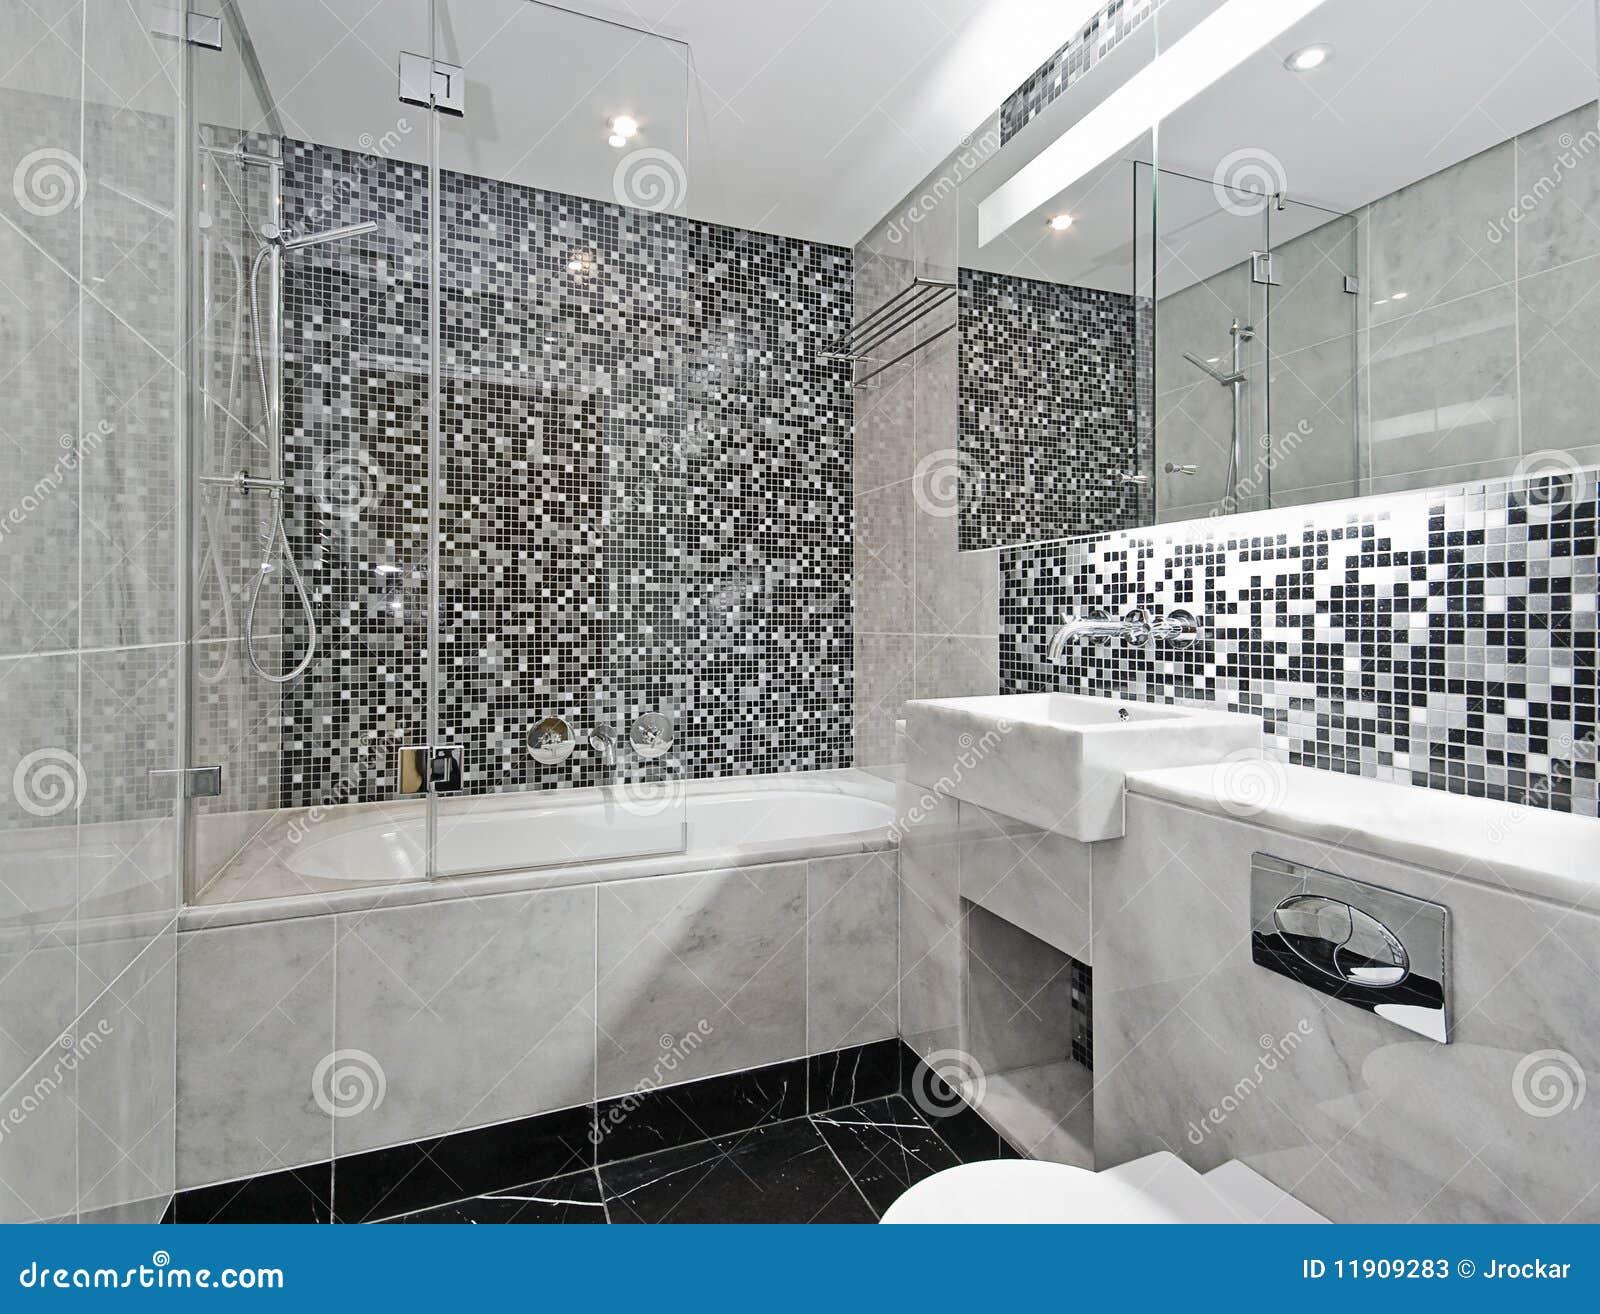 Cuarto De Baño Contemporáneo Imagen de archivo - Imagen de ...